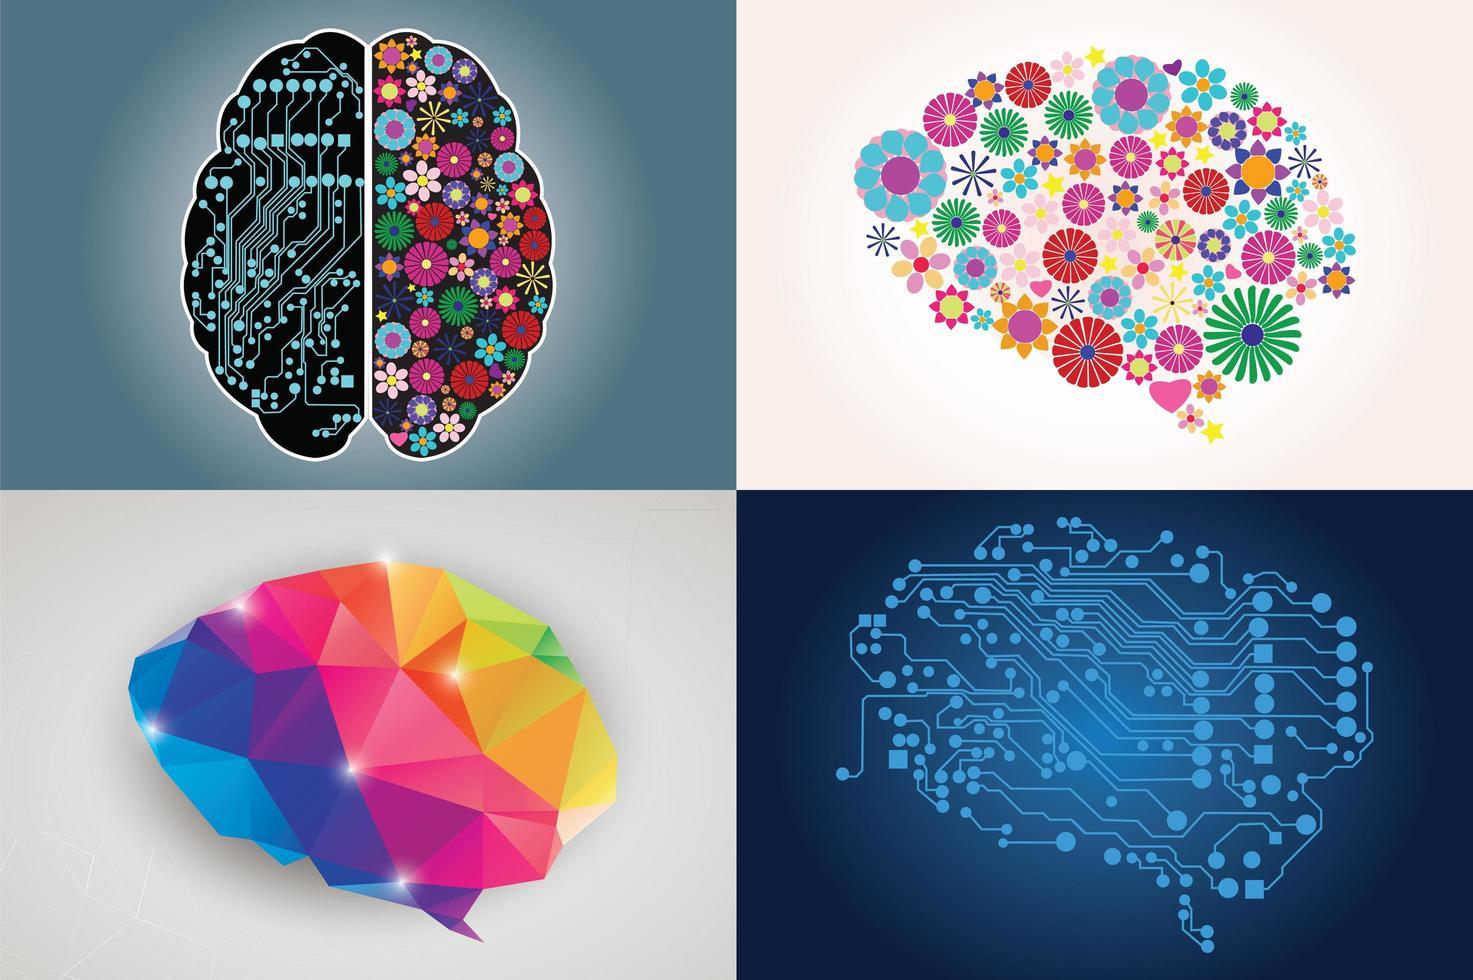 coleções de quatro cérebros humanos diferentes, lado esquerdo e direito, criatividade e lógica vetor